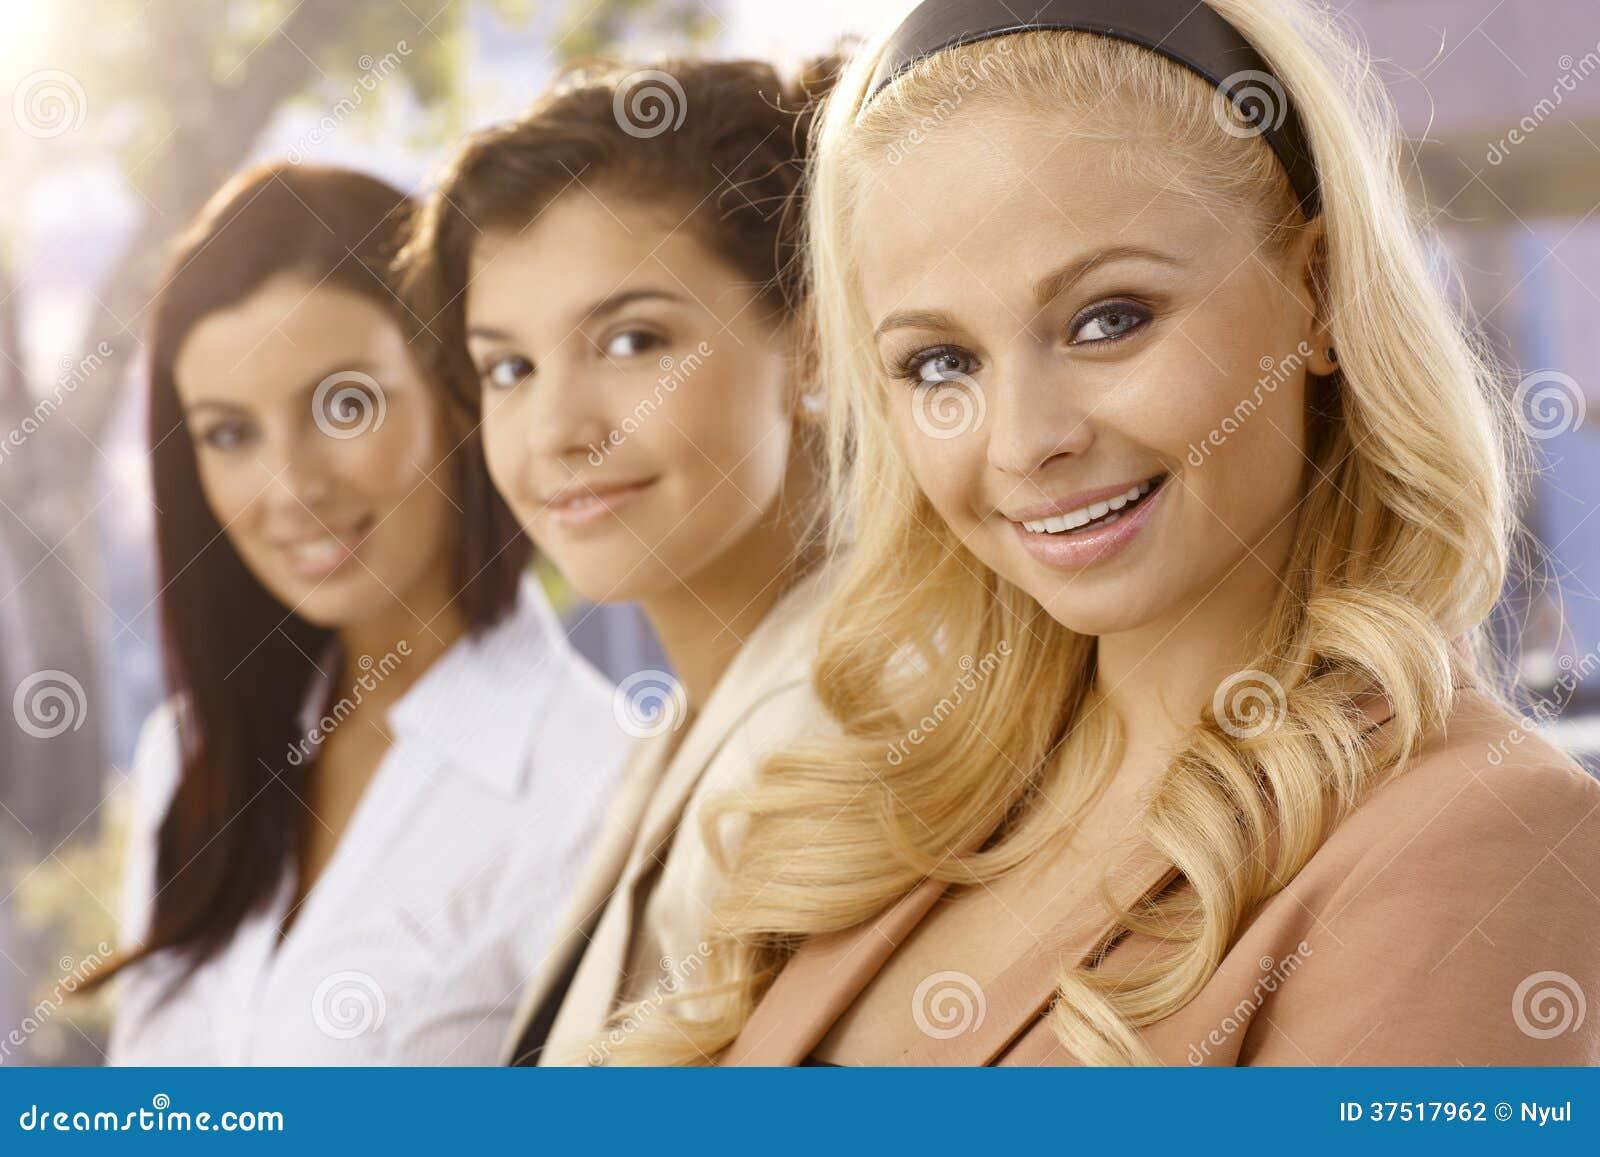 Portrait of pretty women